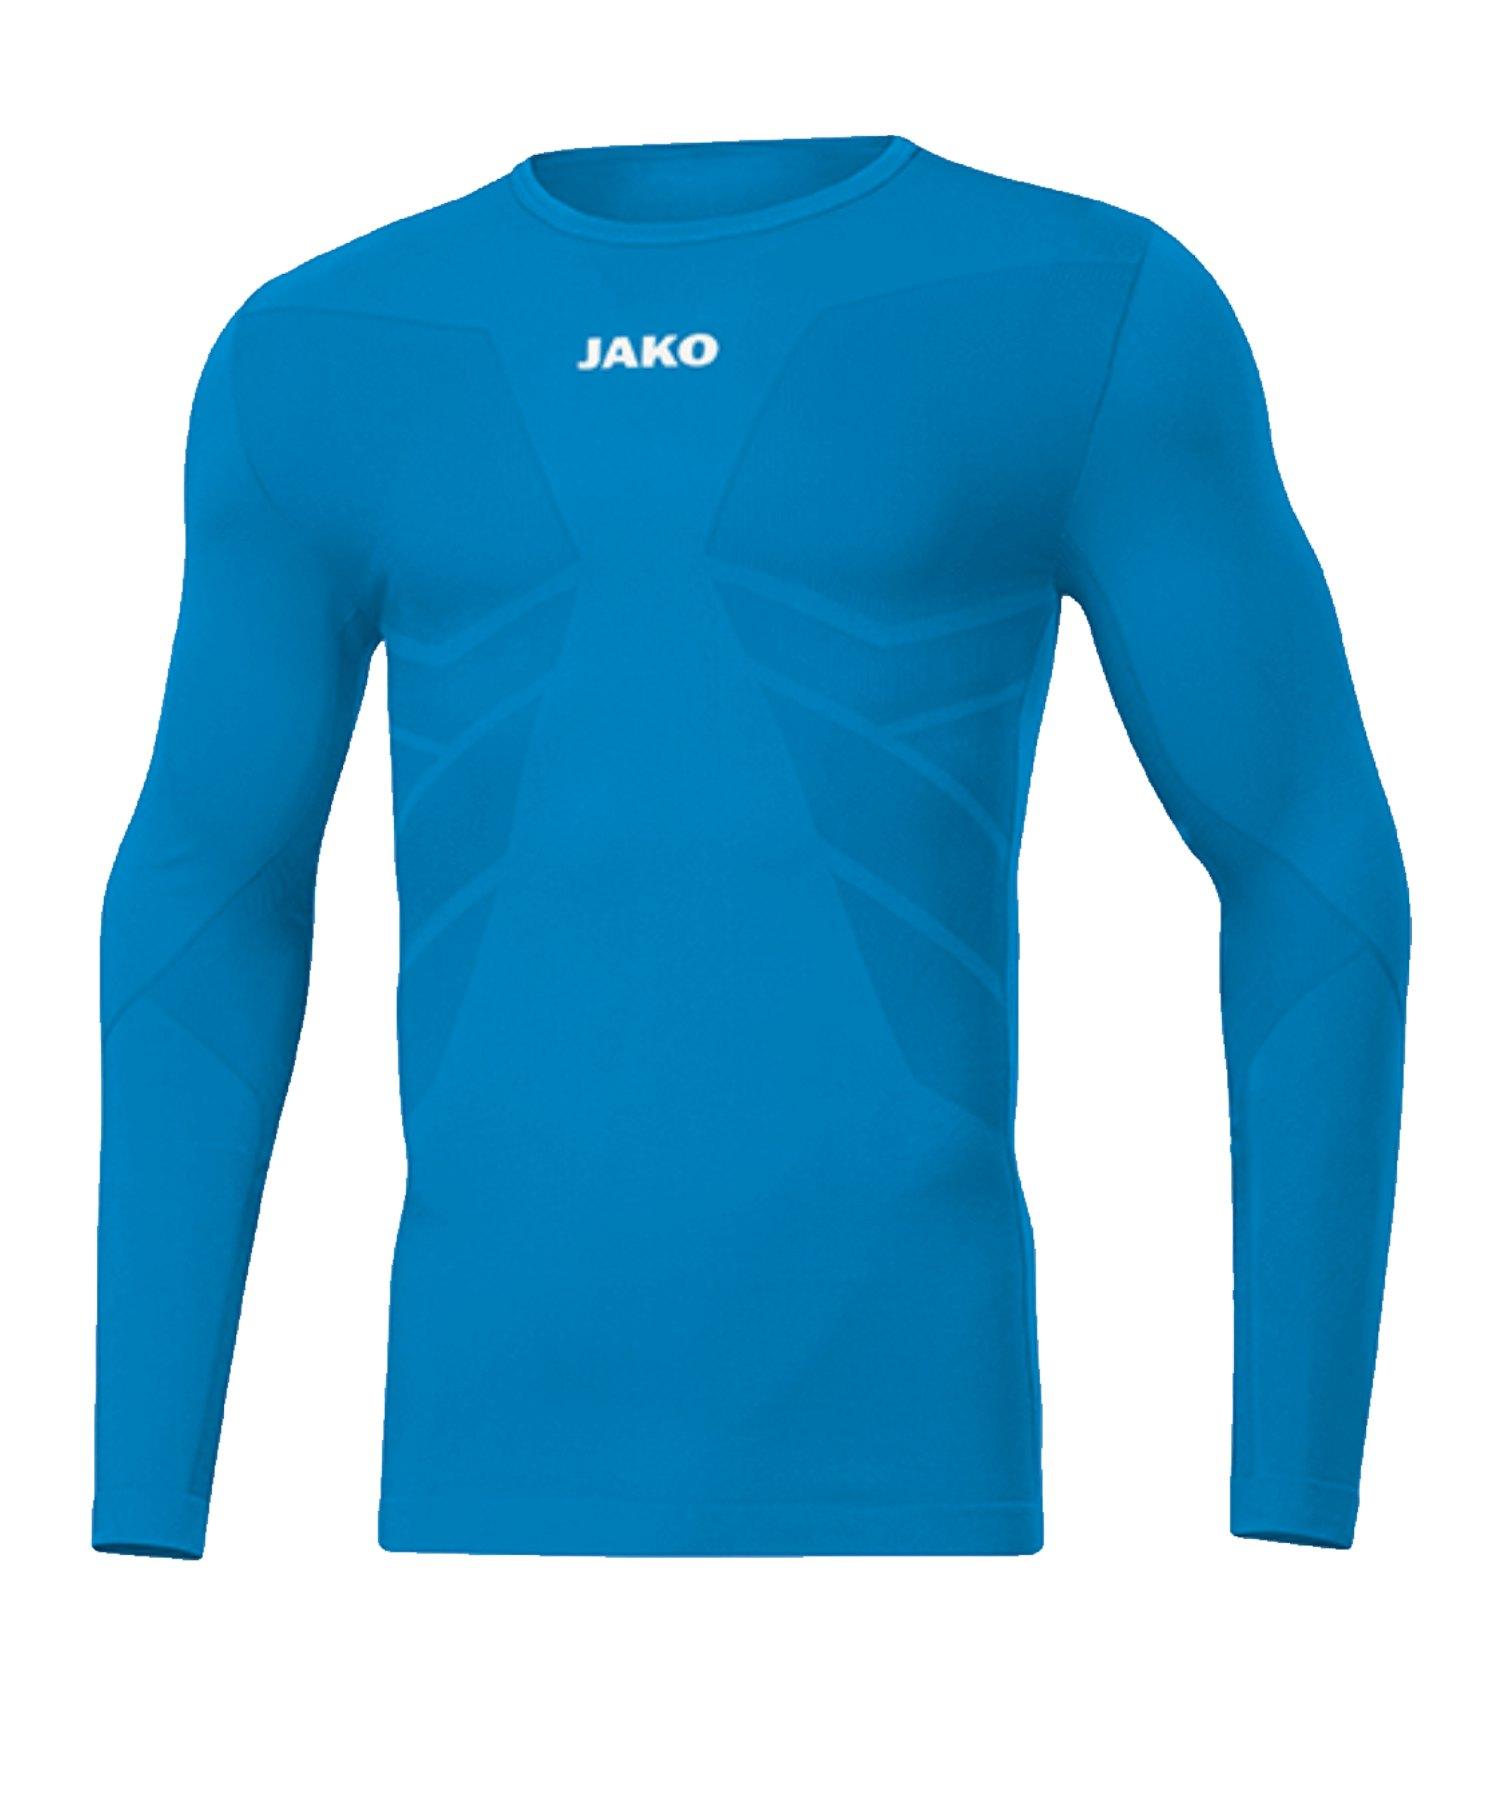 JAKO Comfort 2.0 langarm Hellblau F89 - blau